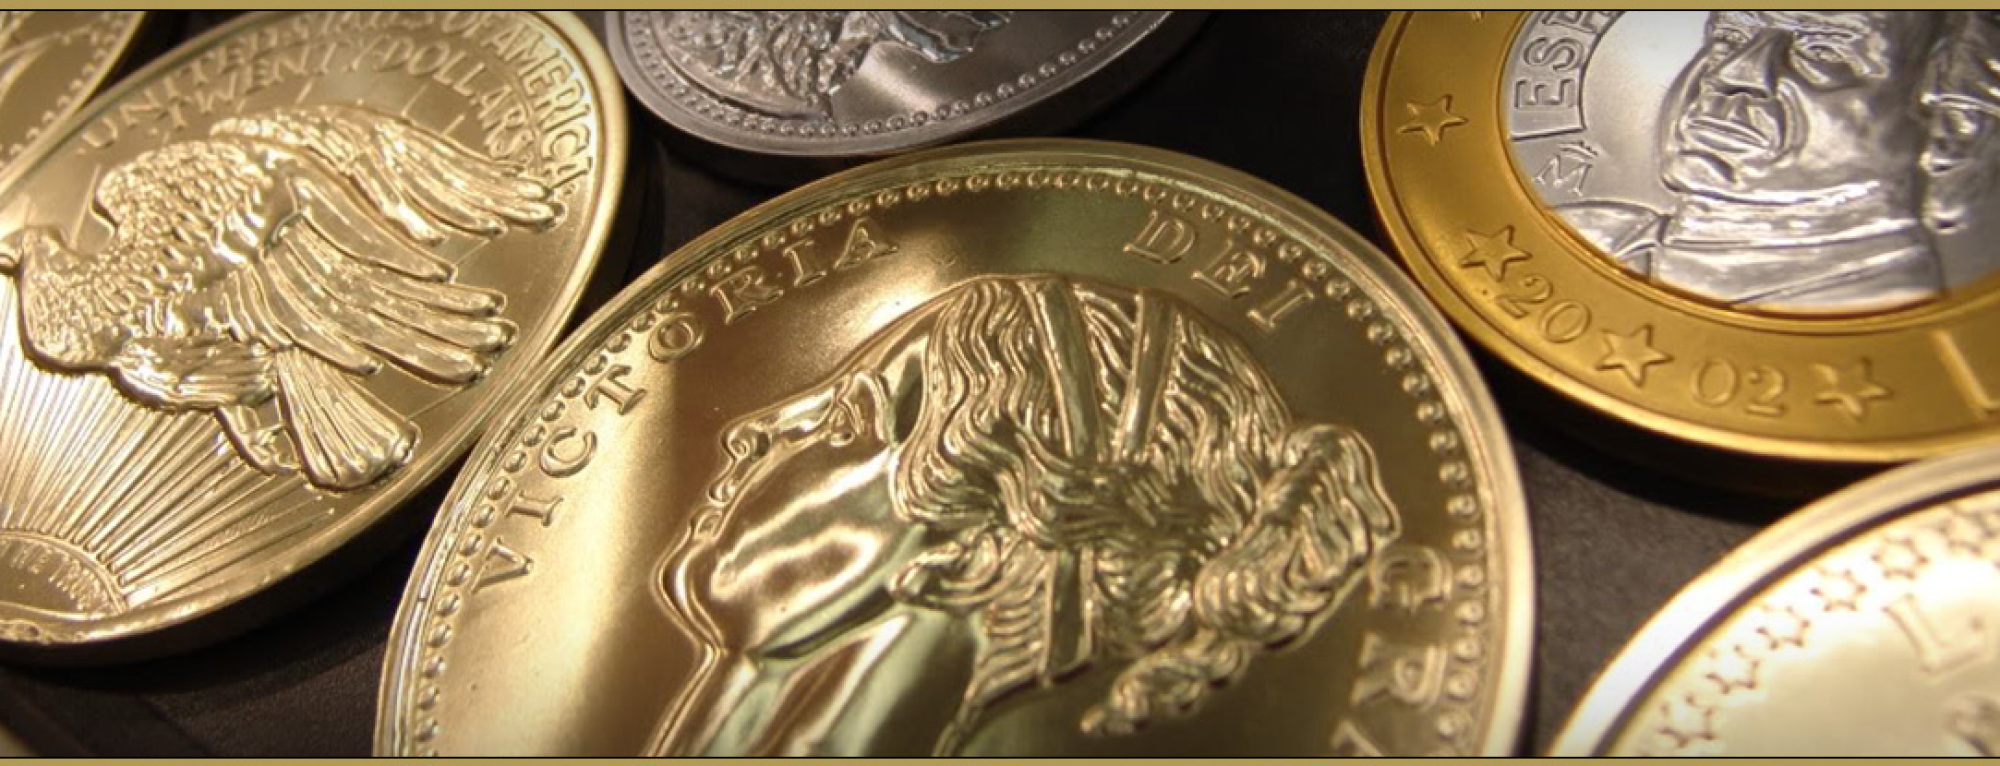 Gold- und Silbermünzen bei Münzhandel Unshelm